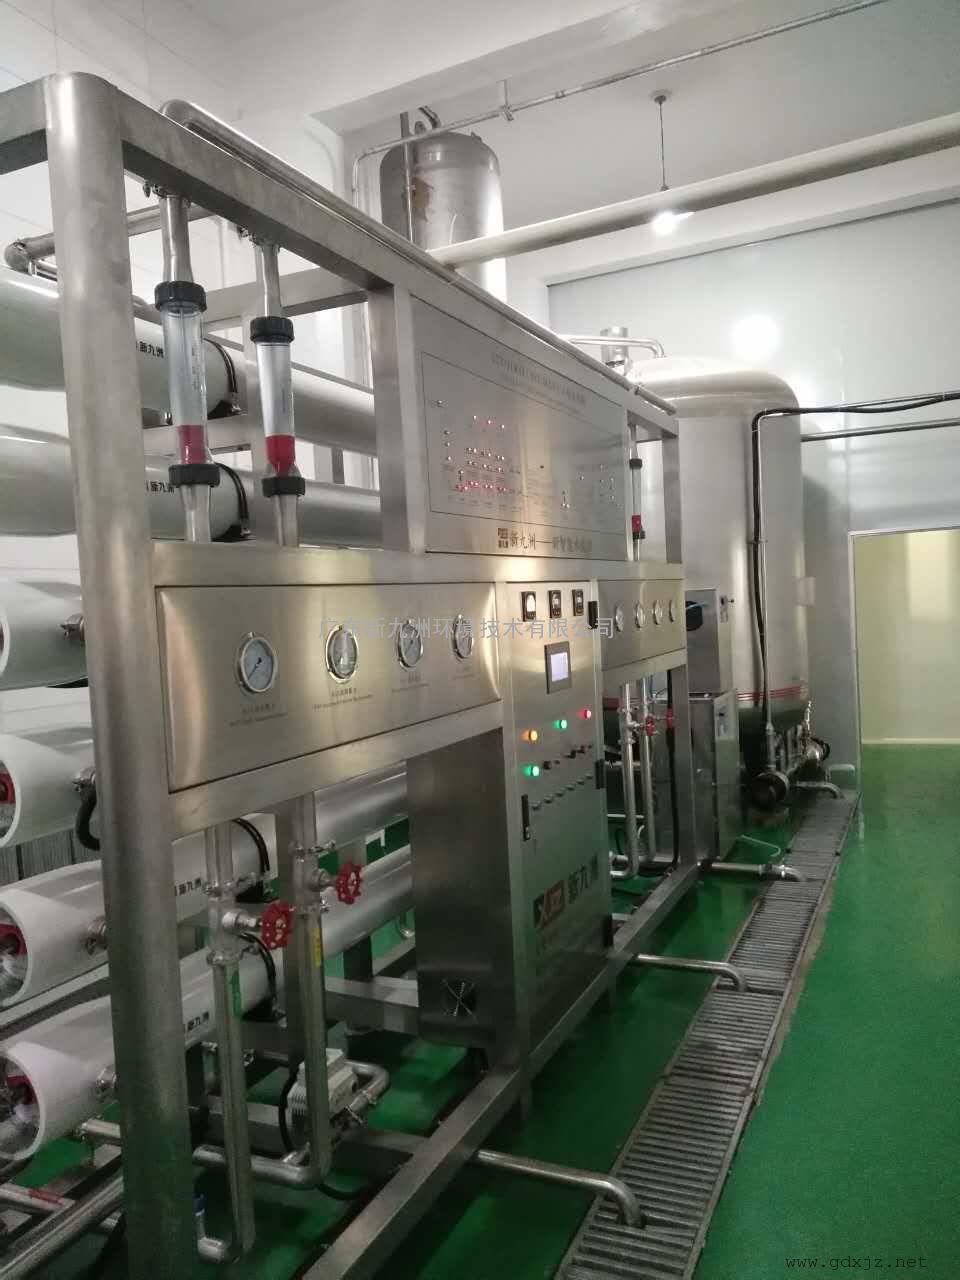 矿泉水设备|矿泉水生产线|矿泉水灌装机设备|矿泉水处理设备